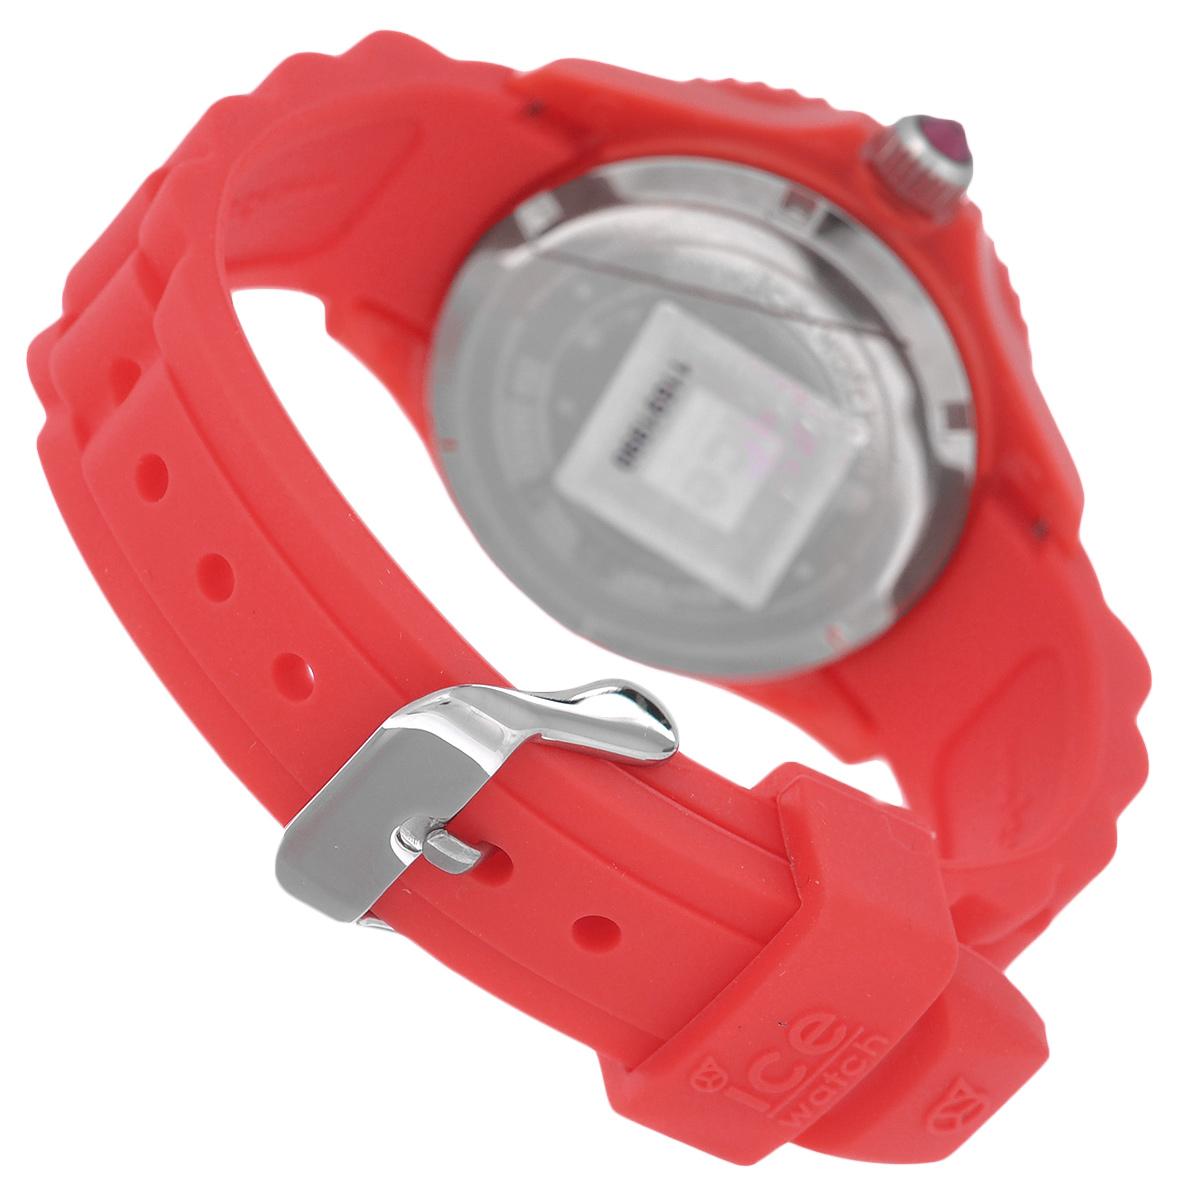 Часы ice watch купить в екатеринбурге